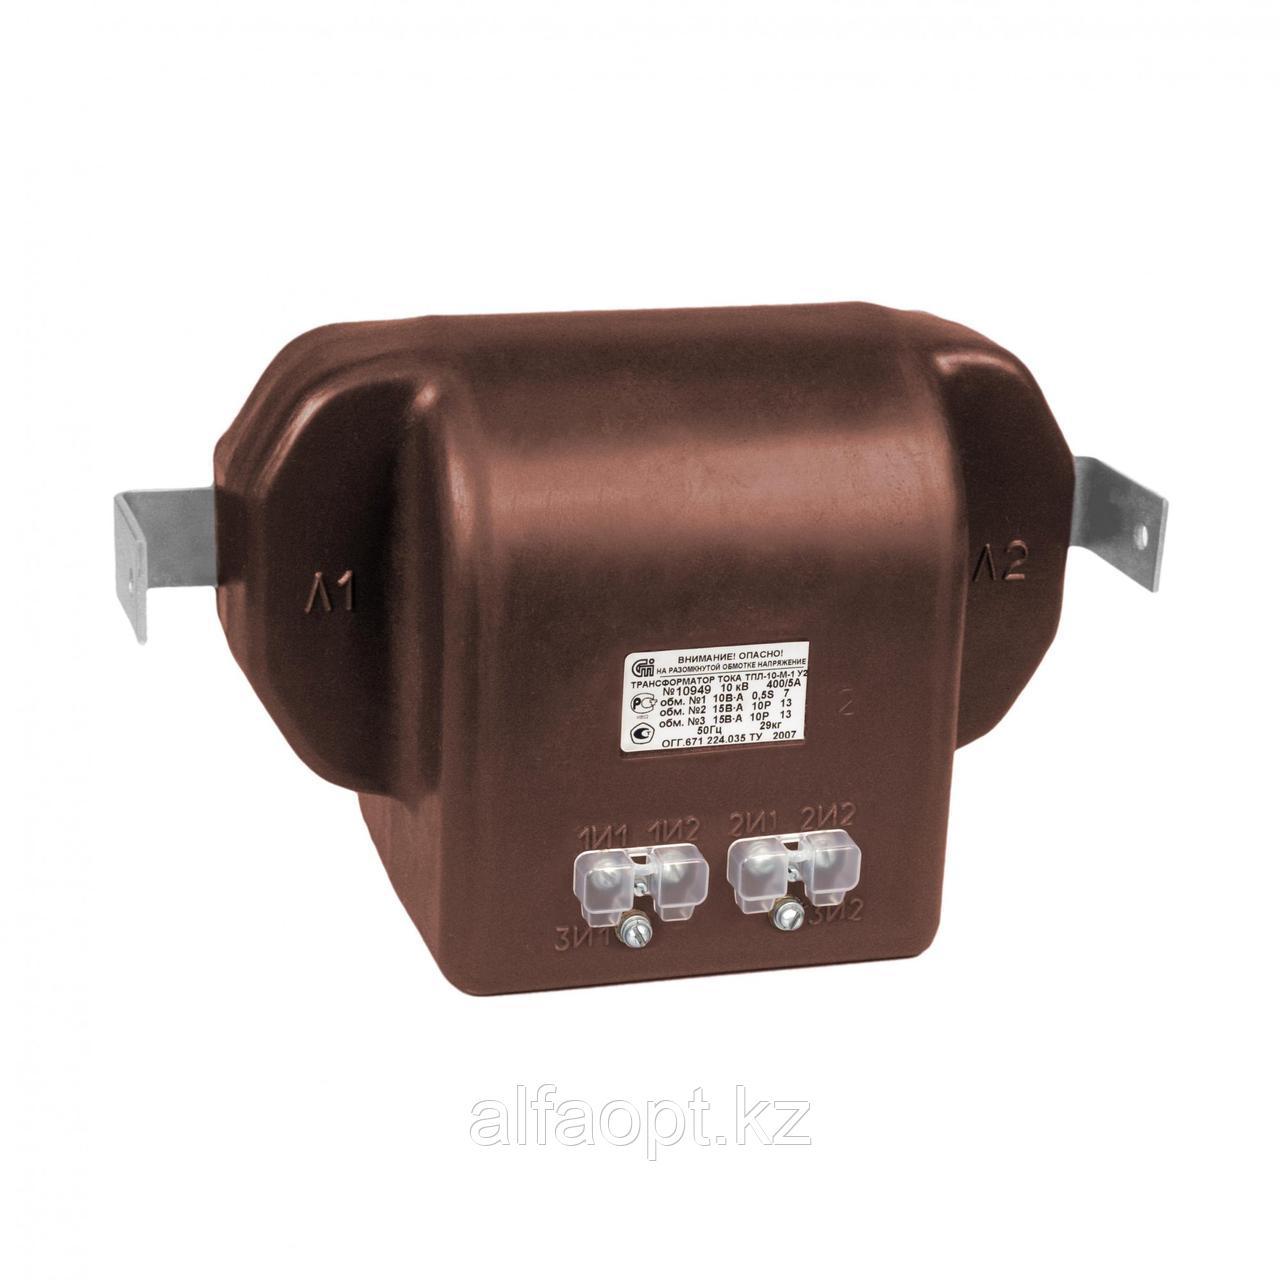 Проходной трансформатор тока ТПЛ-10-М-0,5/10Р-200/5 У2